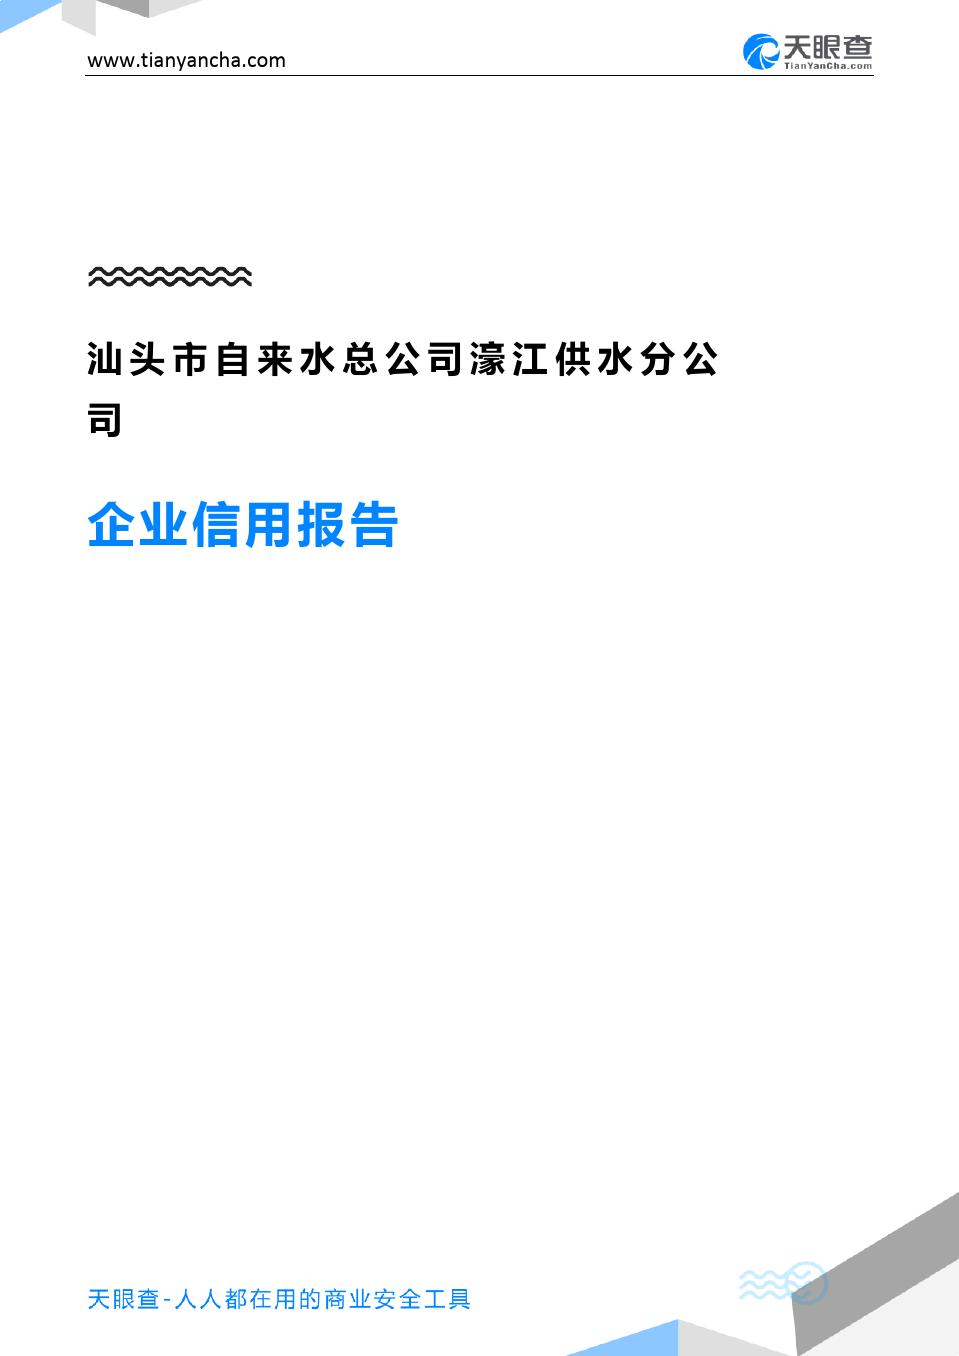 汕头市自来水总公司濠江供水分公司(企业信用报告)- 天眼查